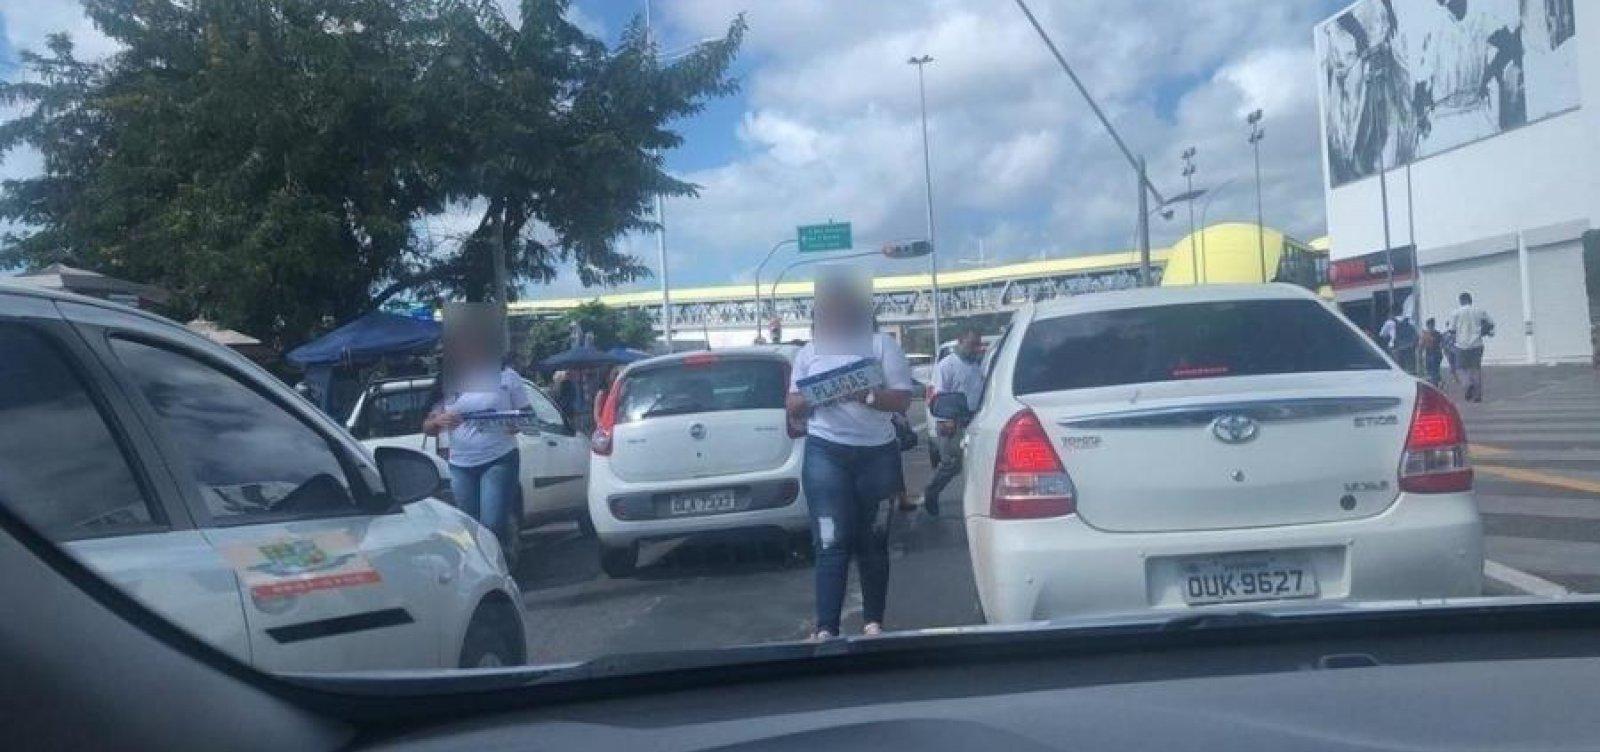 [Placa Mercosul: segurança falha gera clonagens e venda no meio da rua em Salvador]